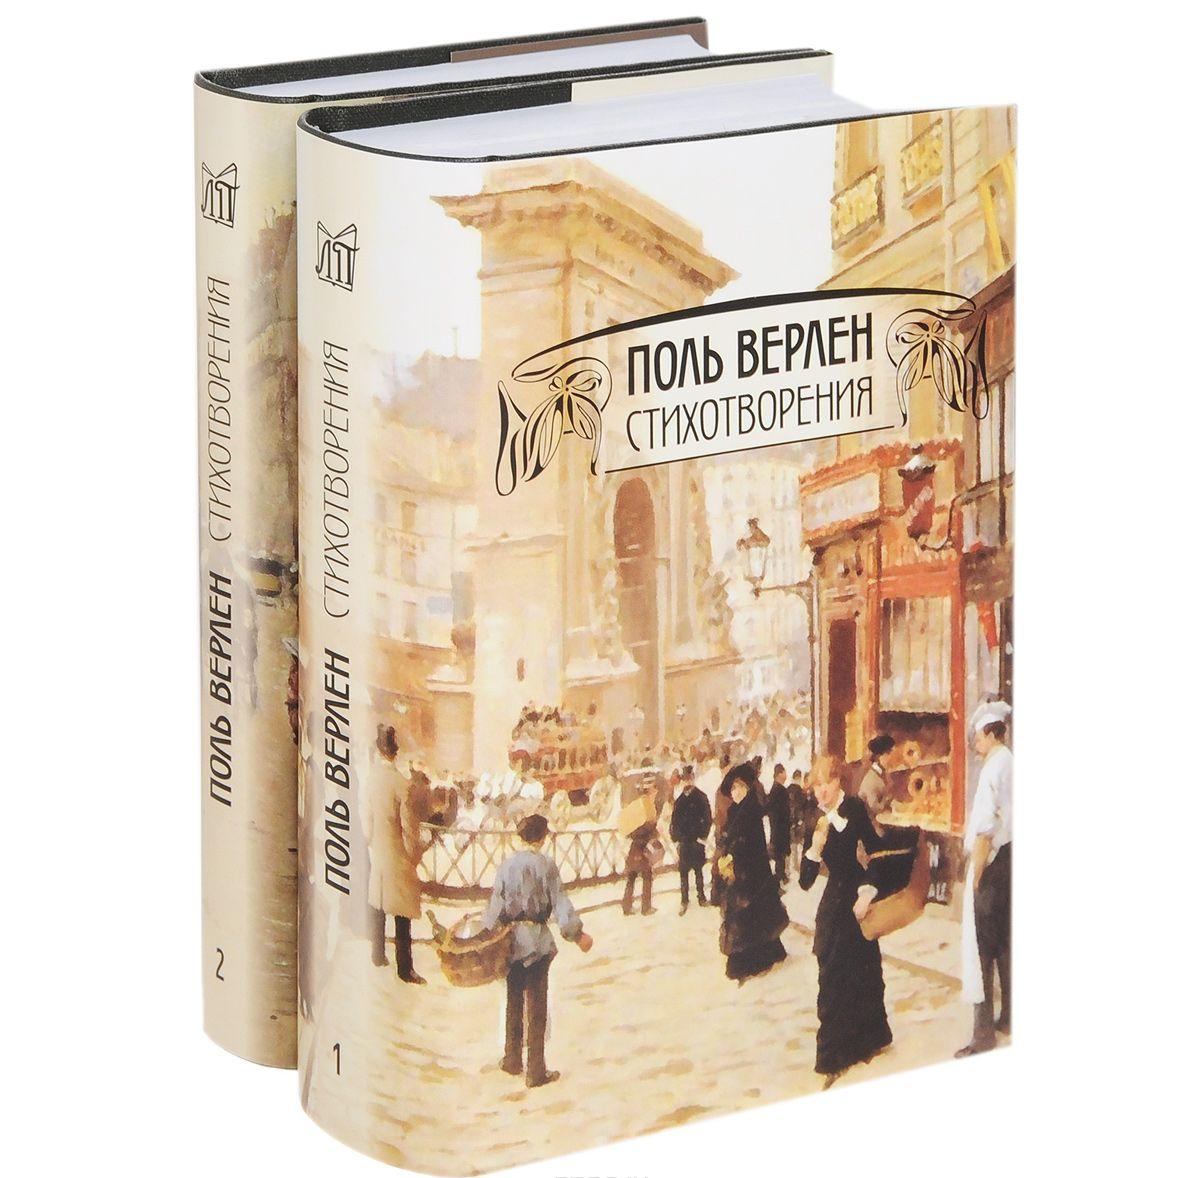 Поль Верлен. Стихотворения. В 2 томах (комплект)